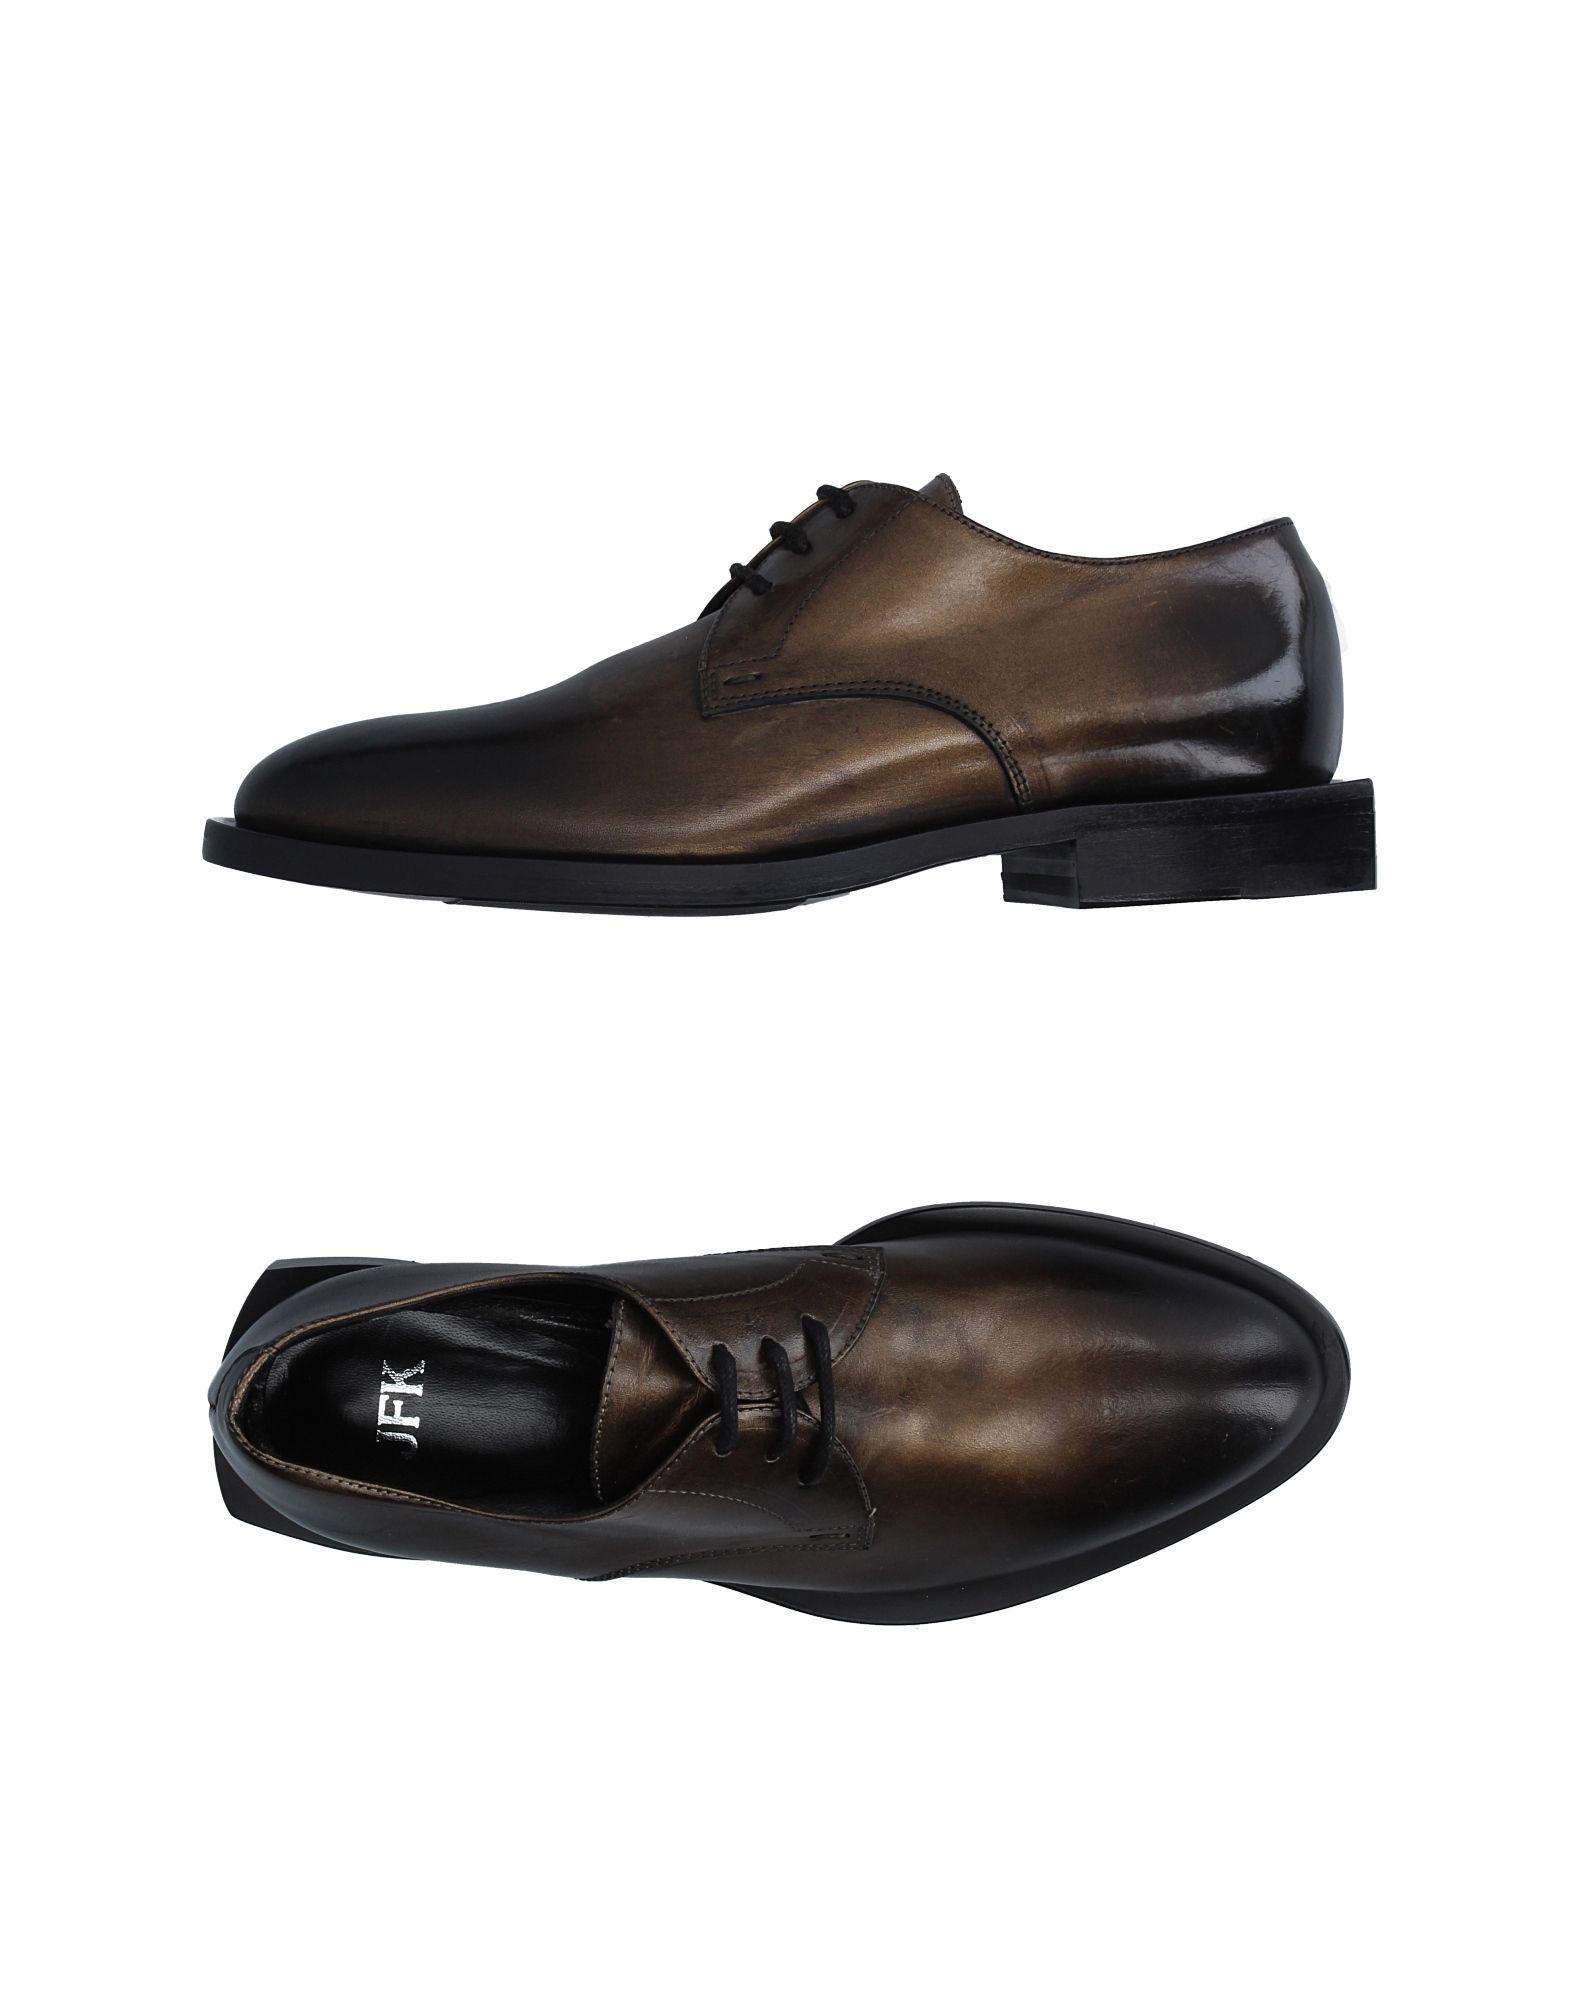 Chaussures À Lacets Jfk Femme - Chaussures À Lacets Jfk sur